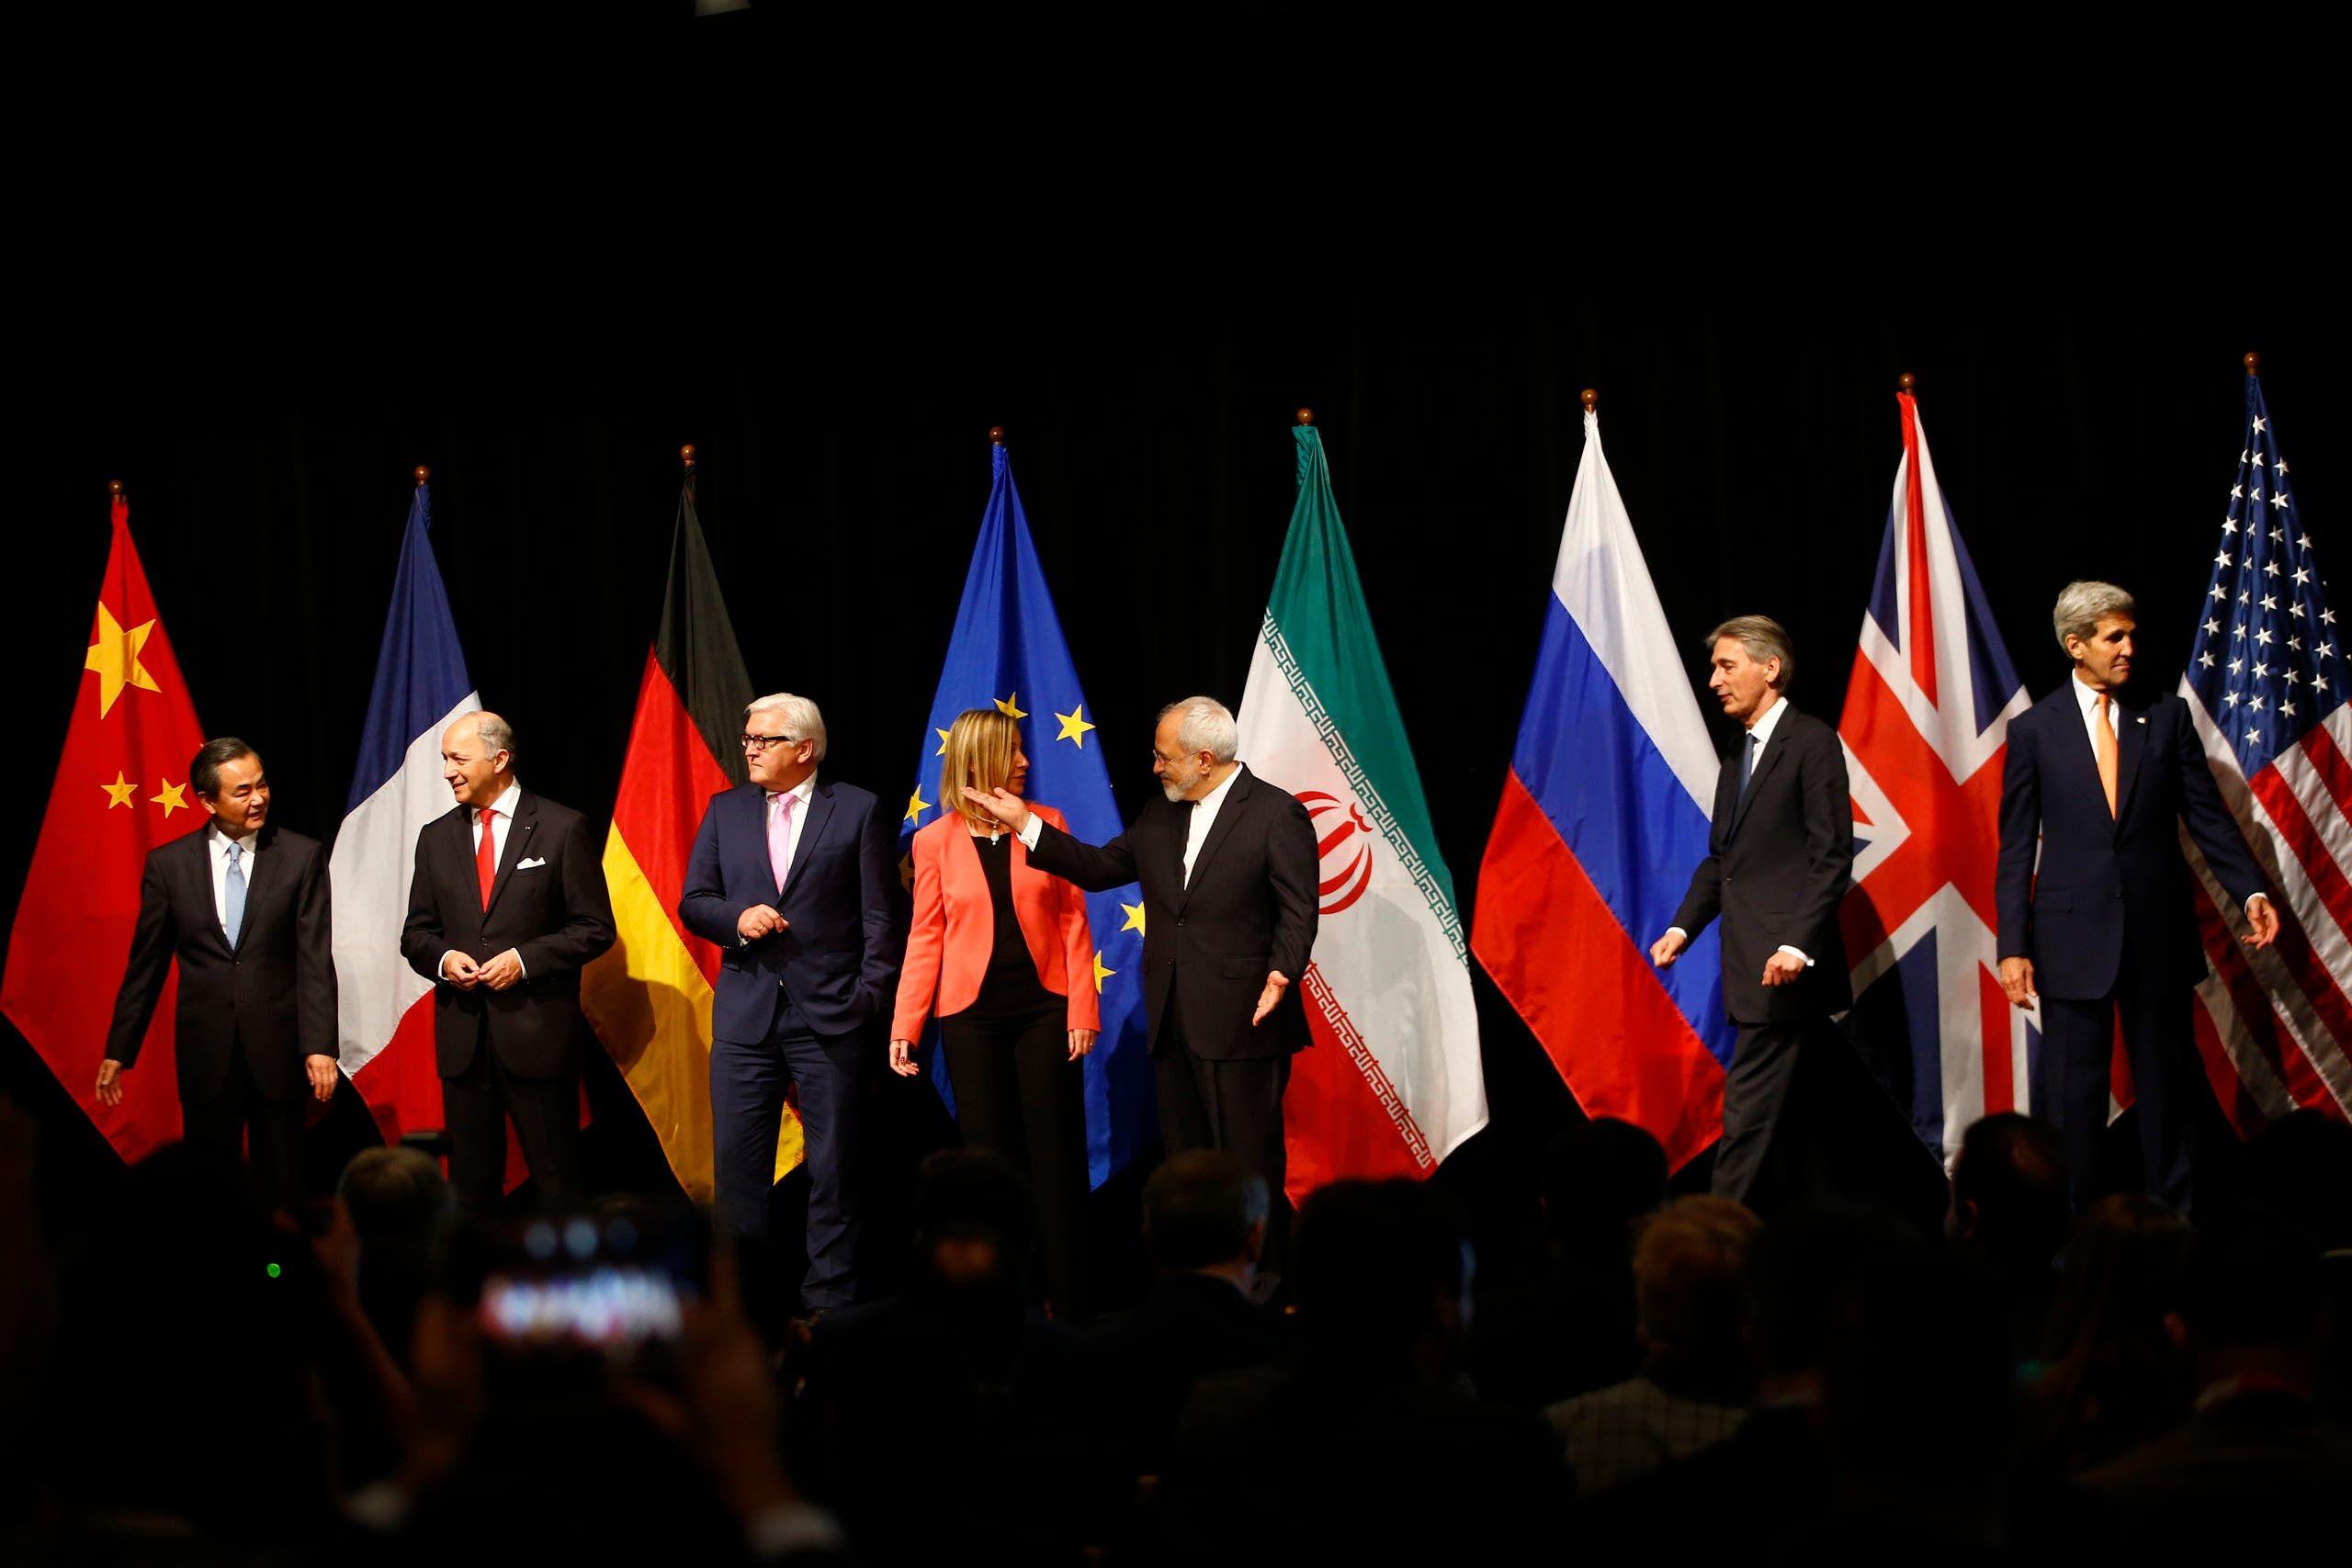 من الإعلان عن الاتفاق النووي بين إيران ومجموعة الـ5+1 في 2015